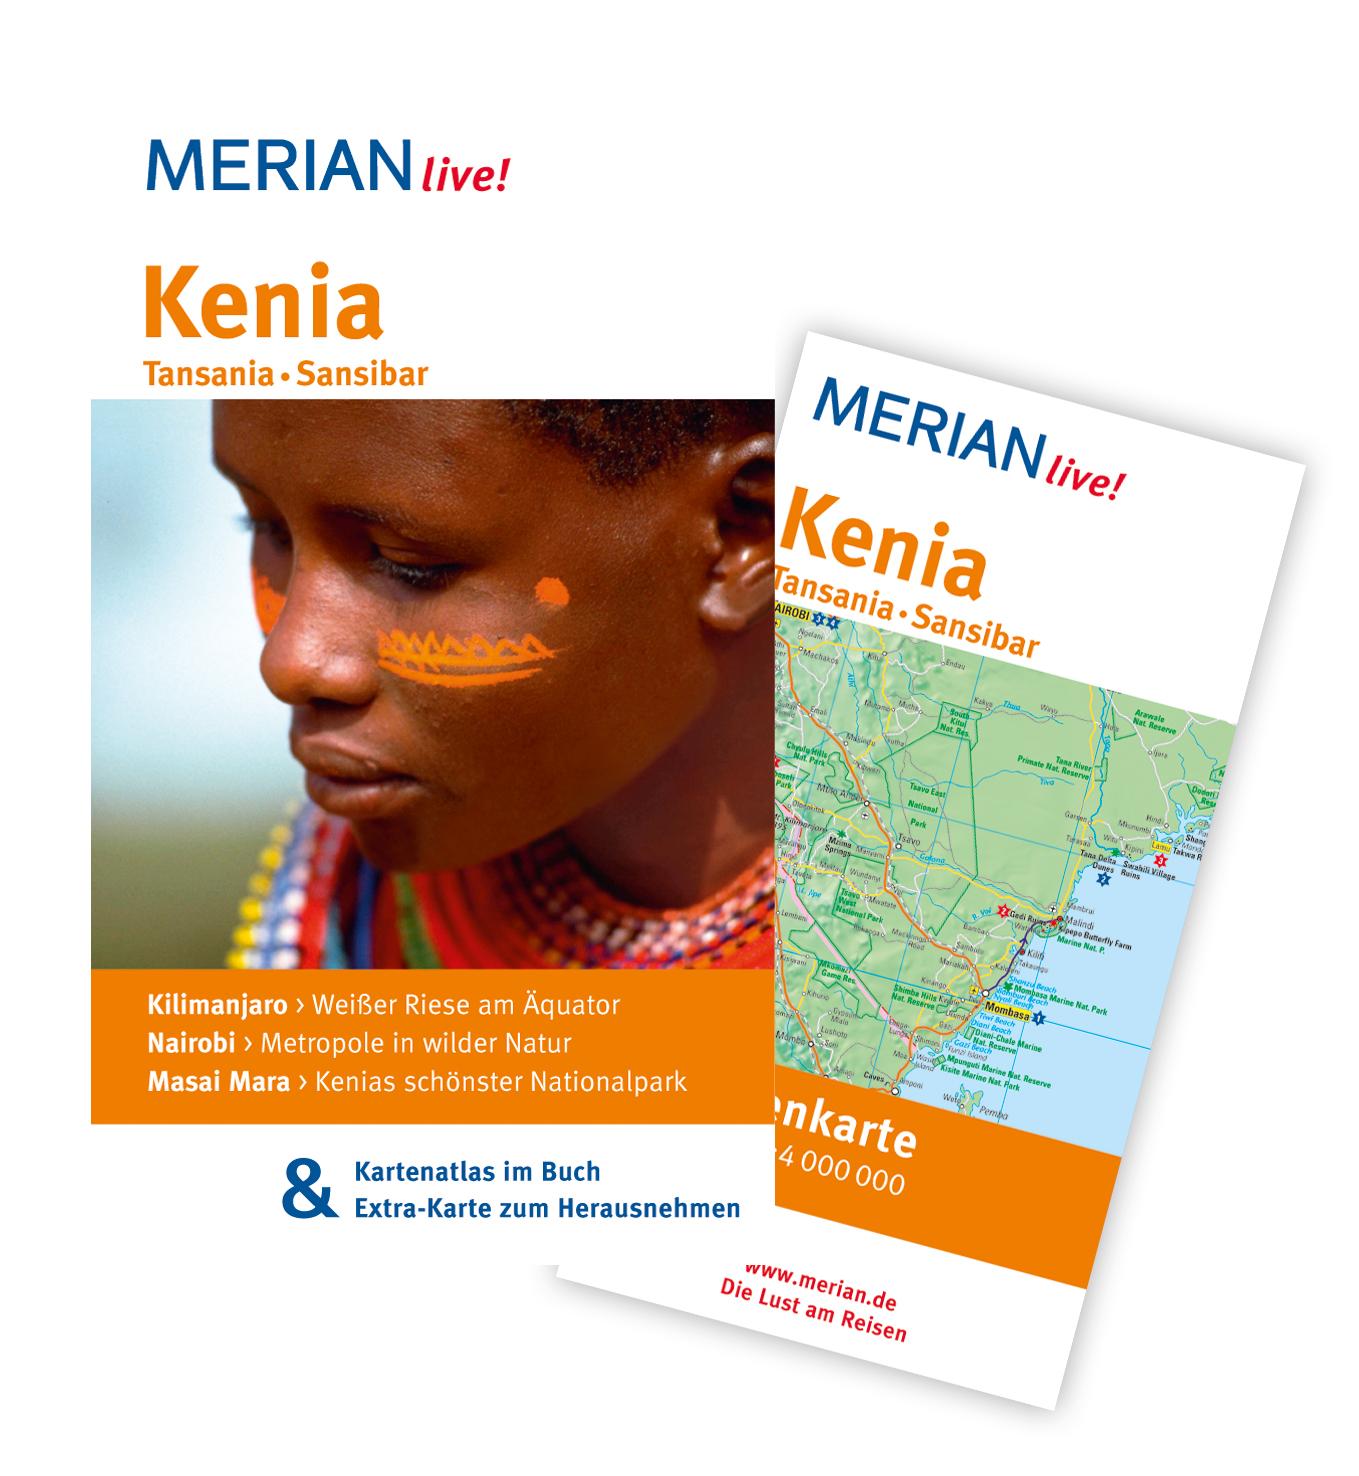 Kenia Tansania Sansibar: MERIAN live! - Mit Kartenatlas im Buch und Extra-Karte zum Herausnehmen: Kilimanjaro: Weißer Riese am Äquator. Nairobi: ... Masai Mara: Kenias schönster Nationalpark - Marc Engelhardt